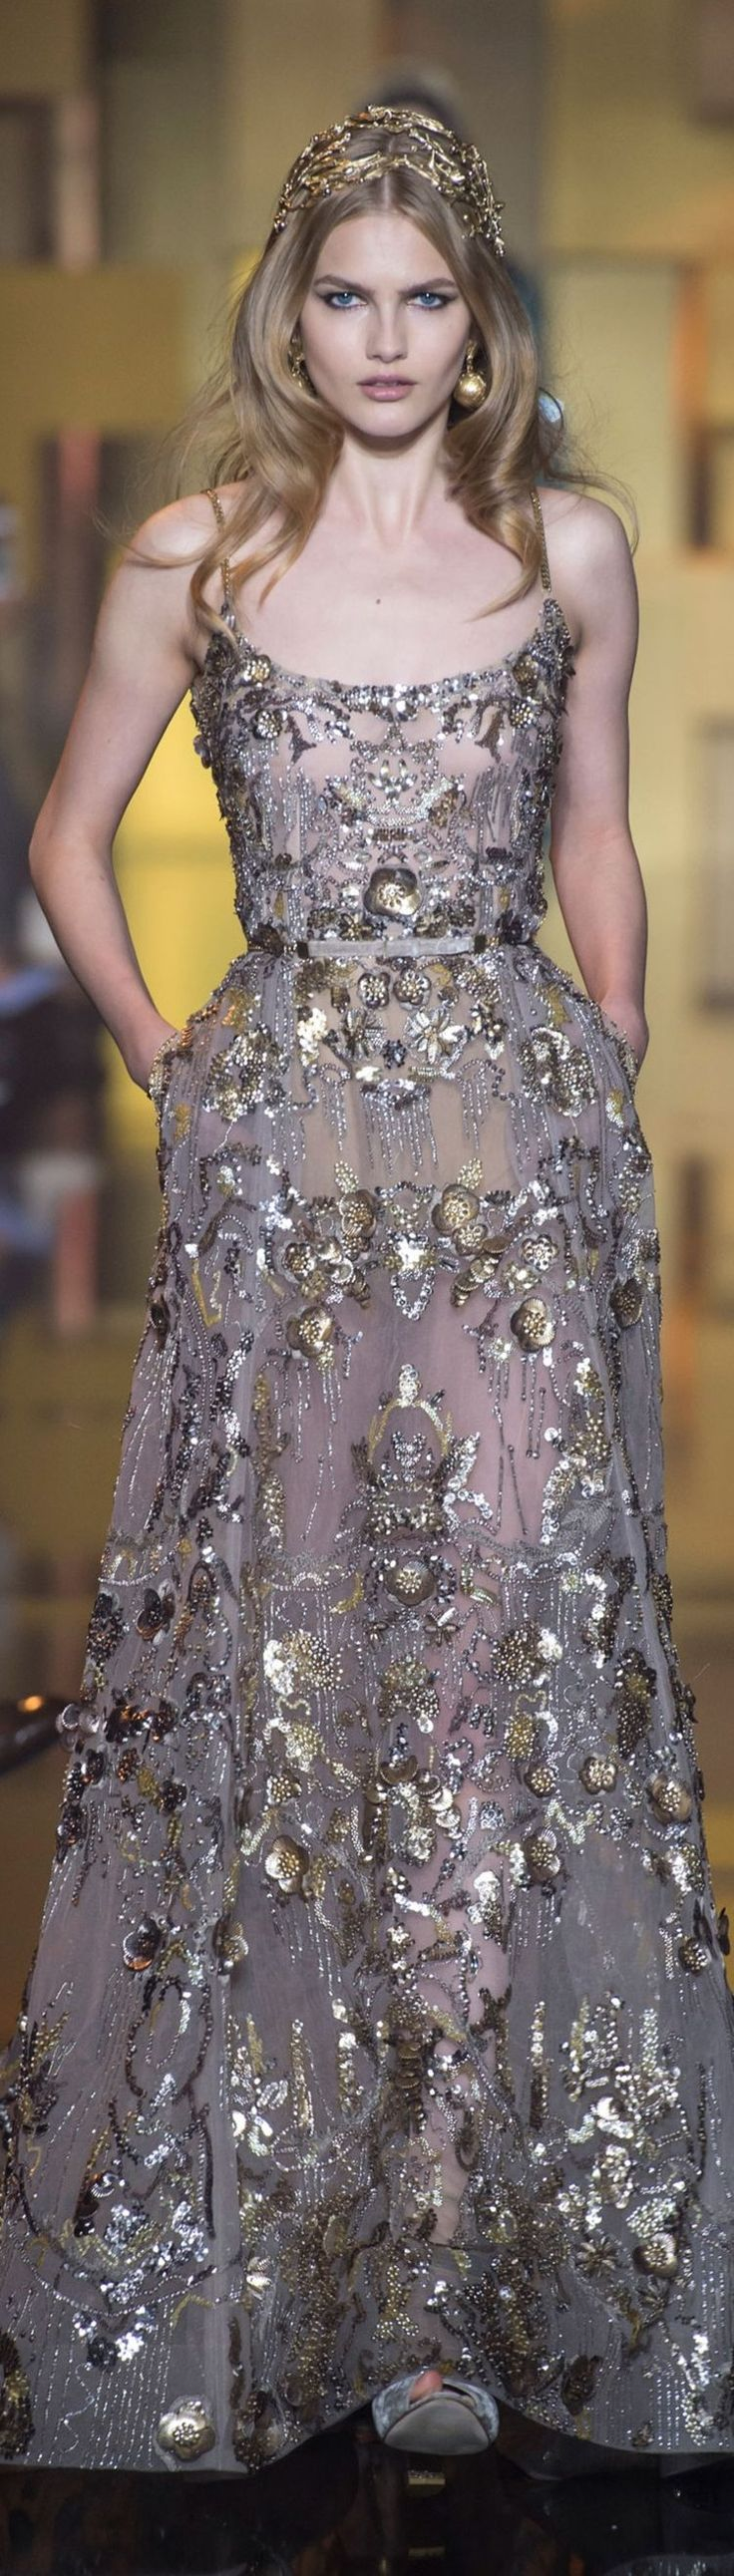 91 besten 27 Dresses ... and some more Bilder auf Pinterest ...